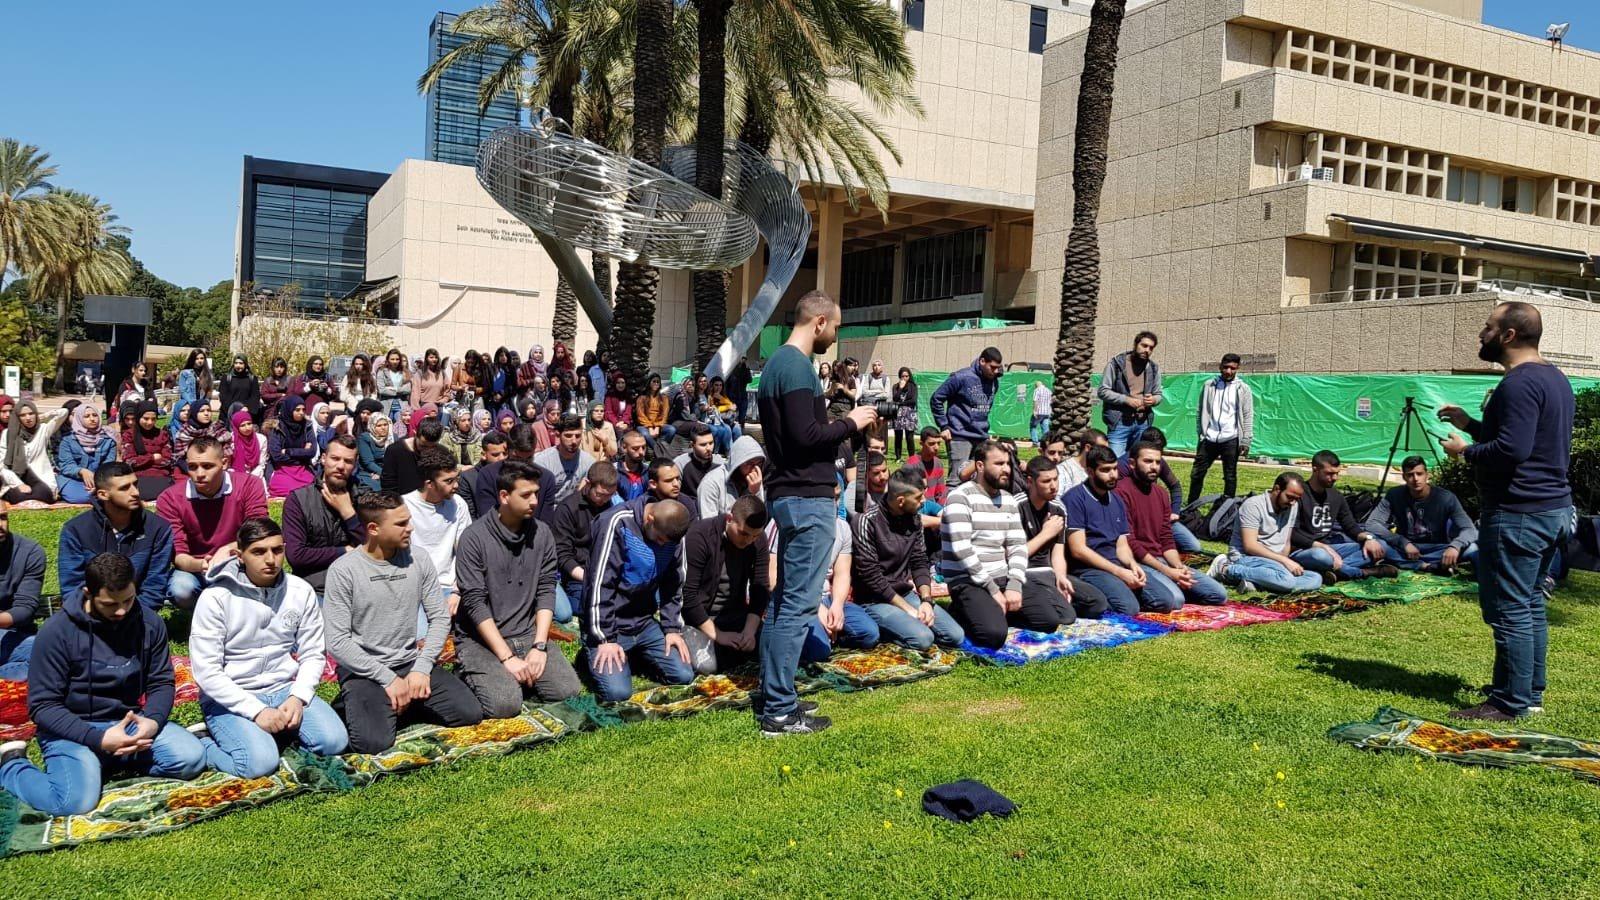 جامعة تلّ ابيب: مواصلة الاحتجاجات على إغلاق المصلّى